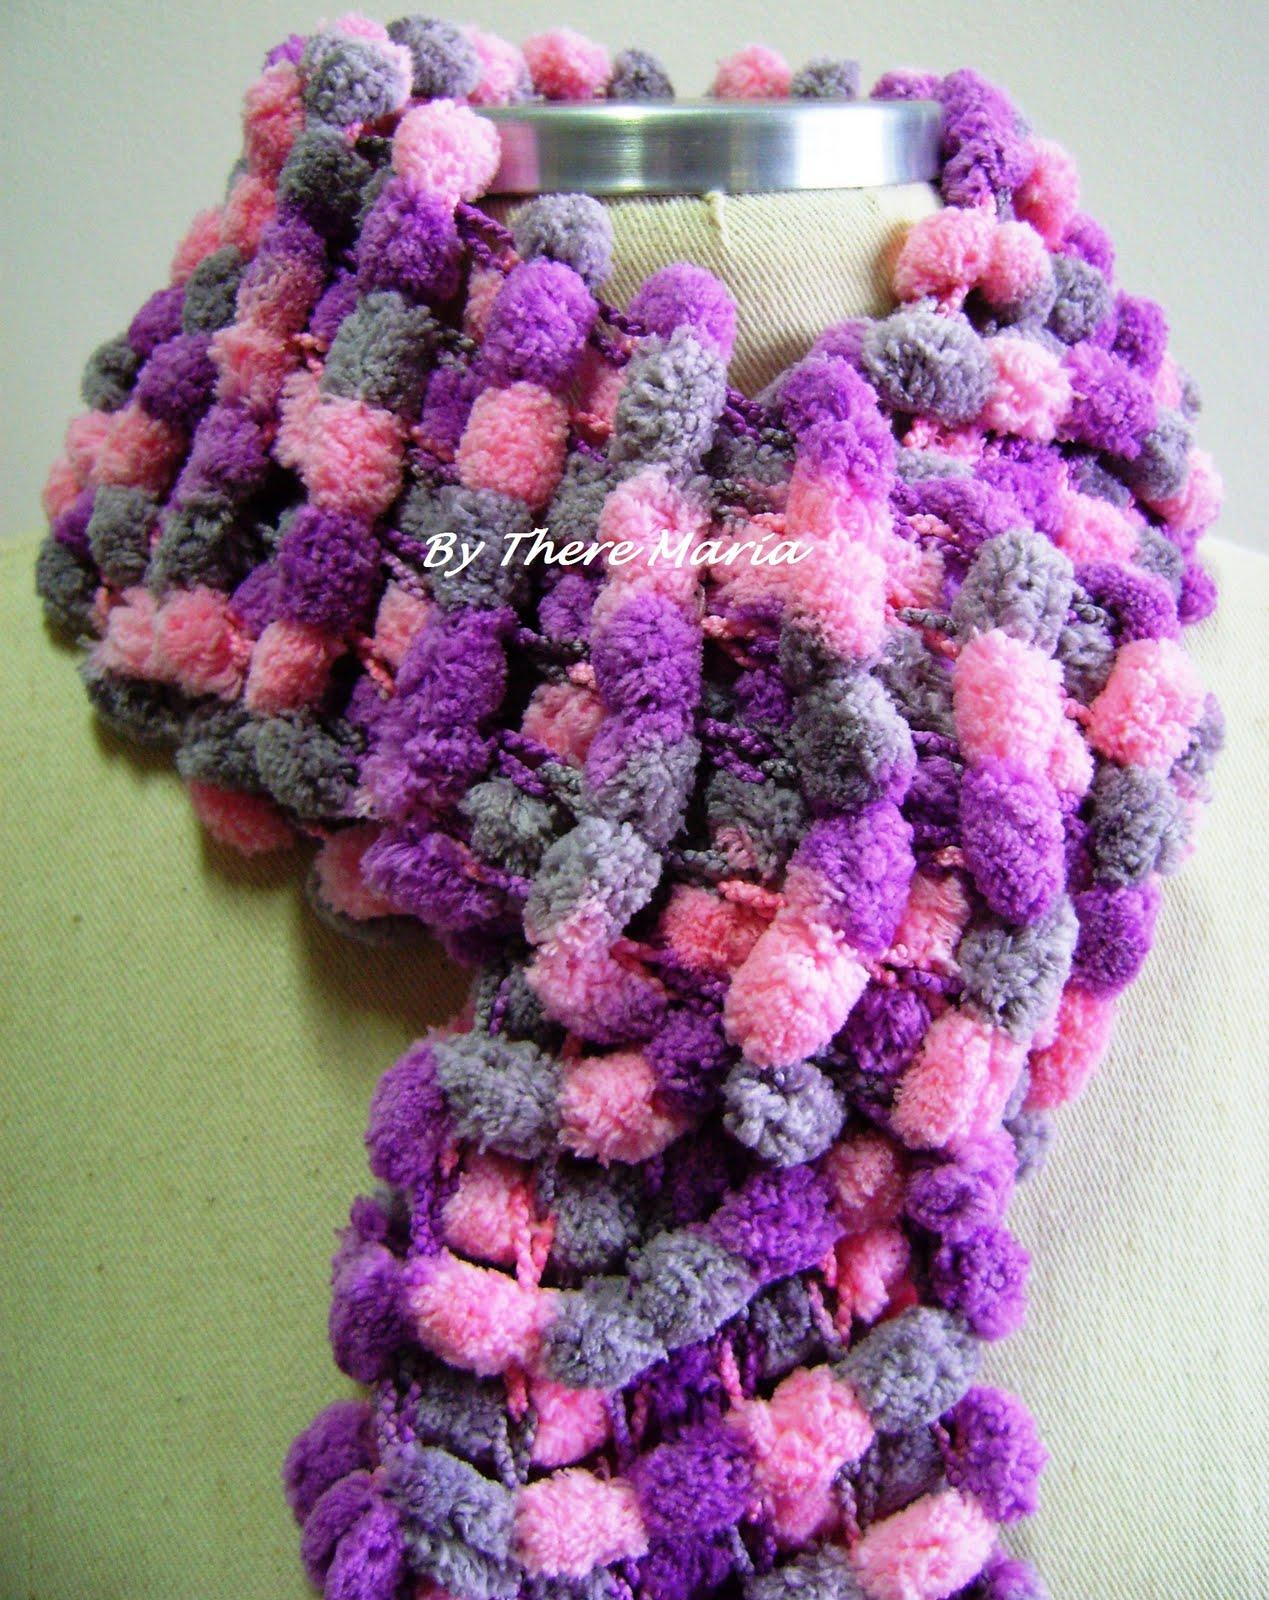 Como podemos tejer esta bufanda? Una manera puede ser la siguiente